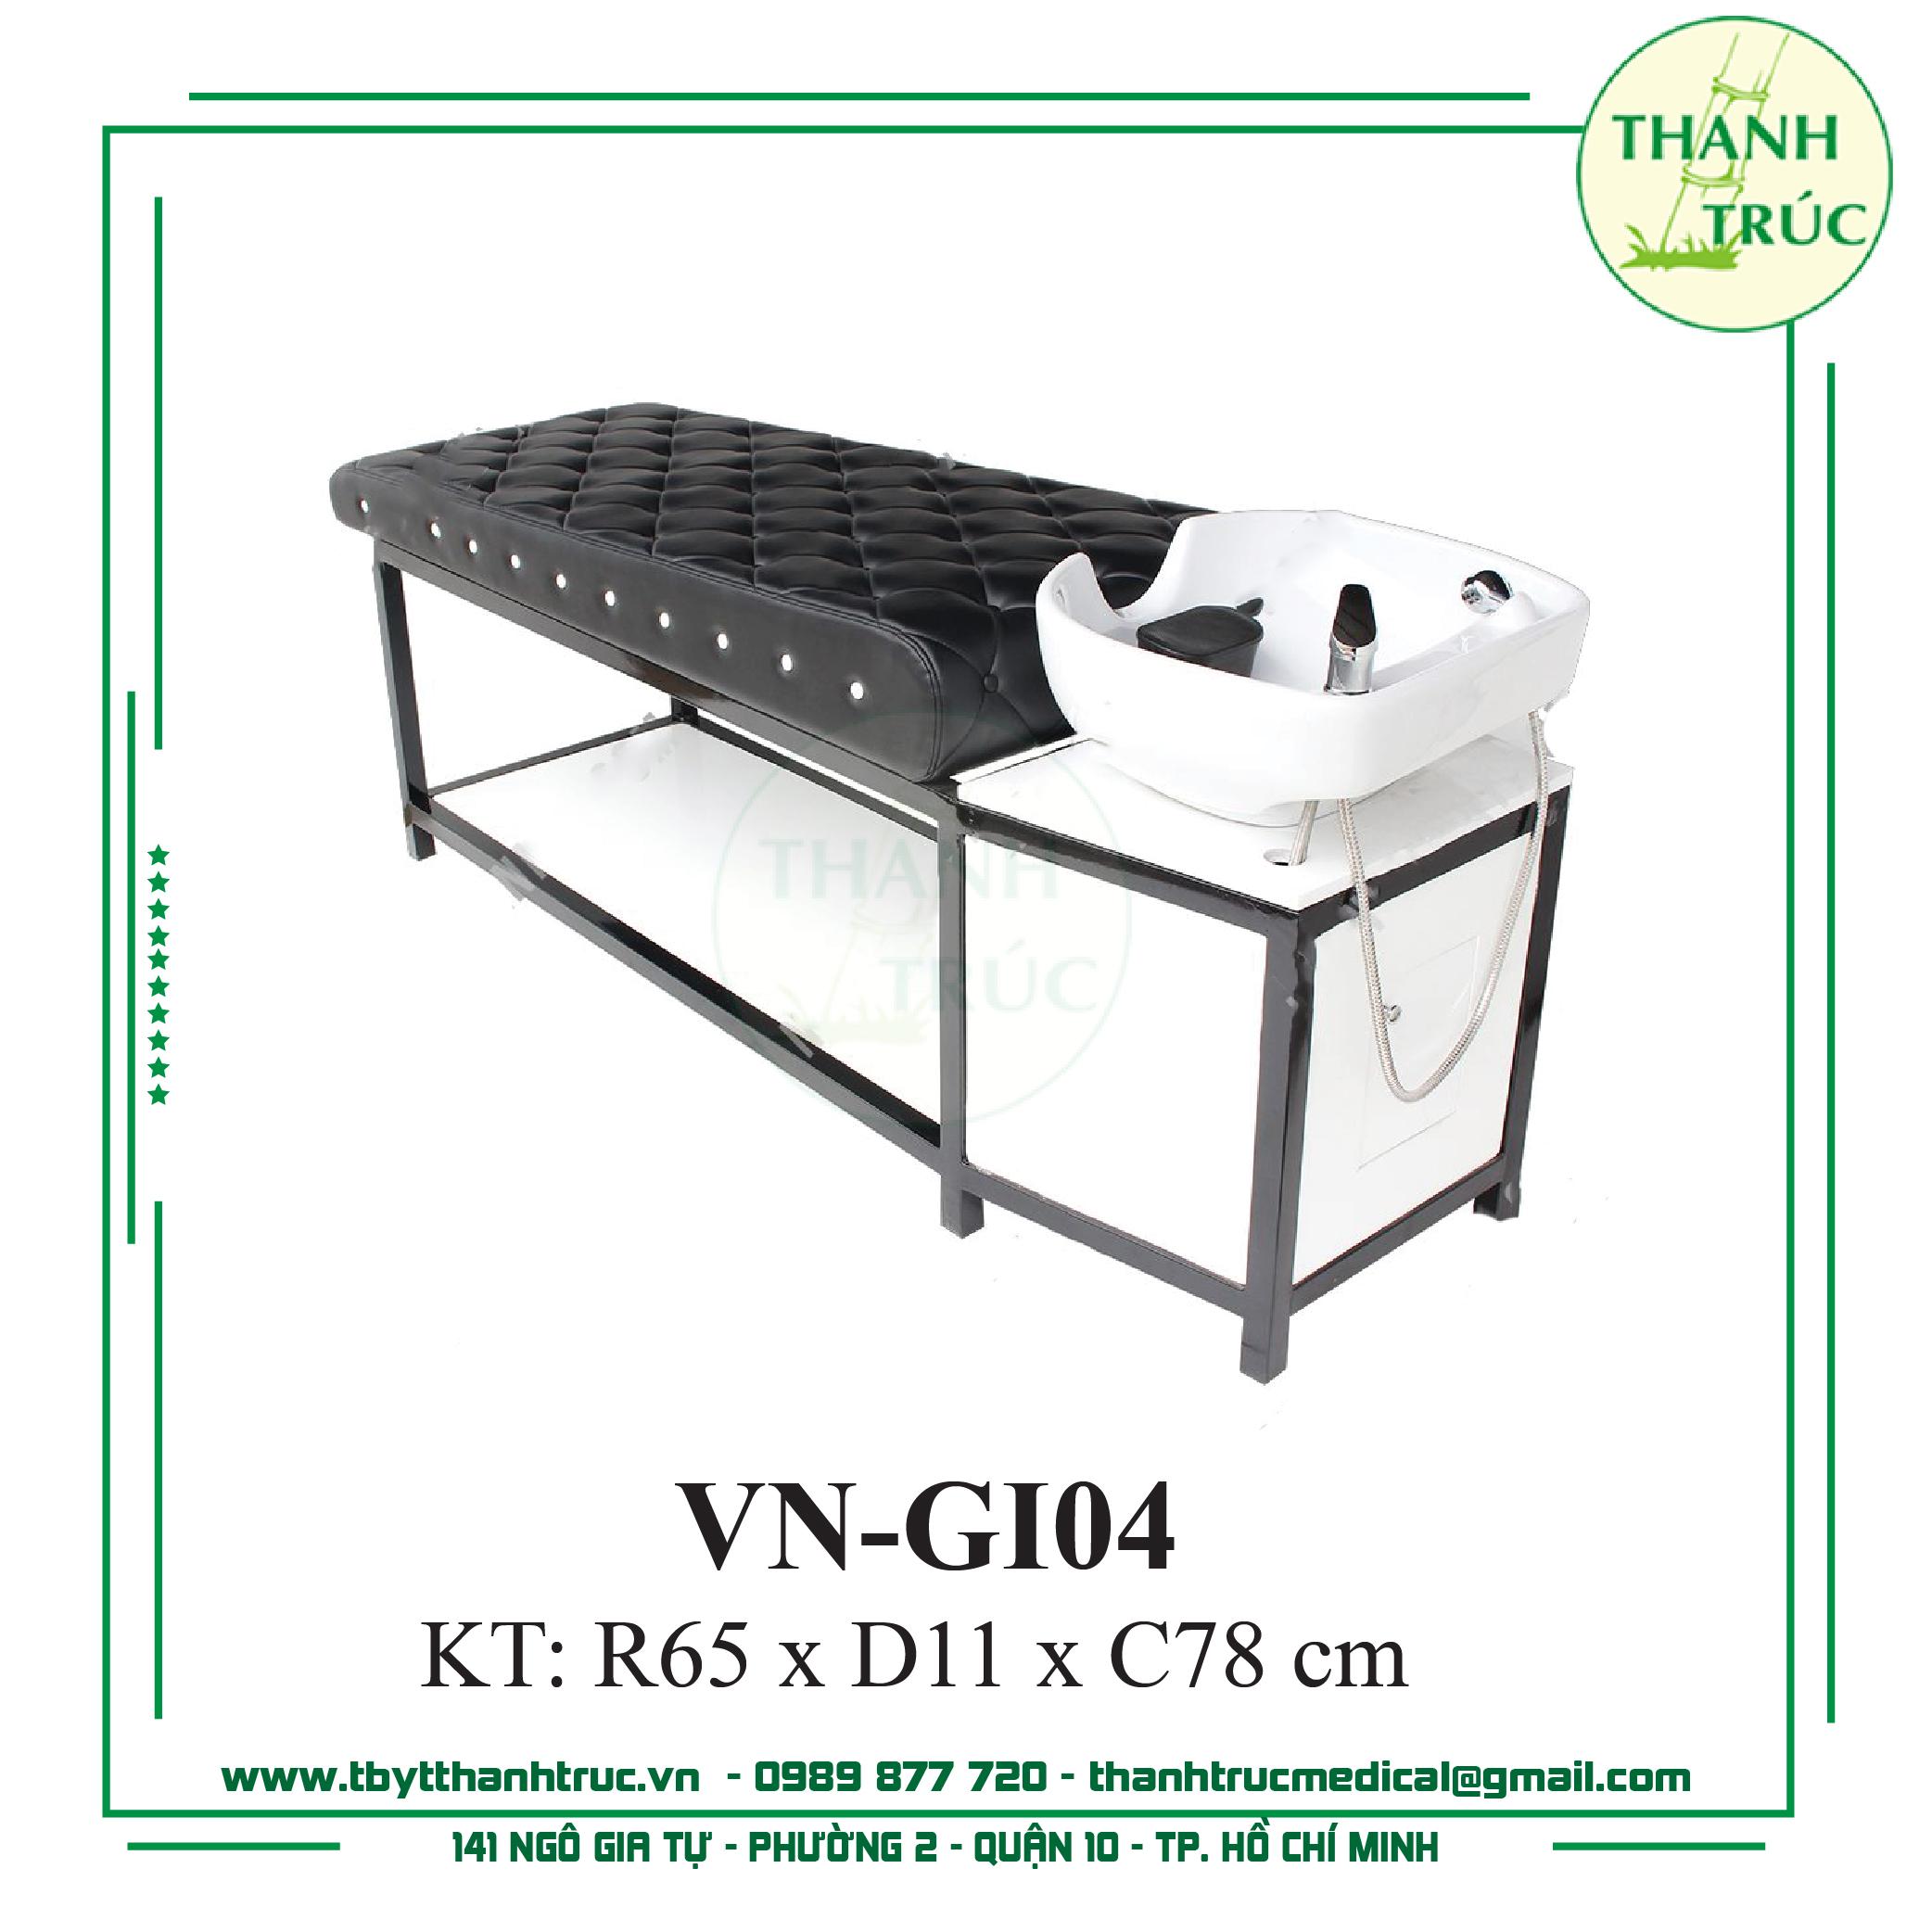 Giường Gội Inox VN-GI04